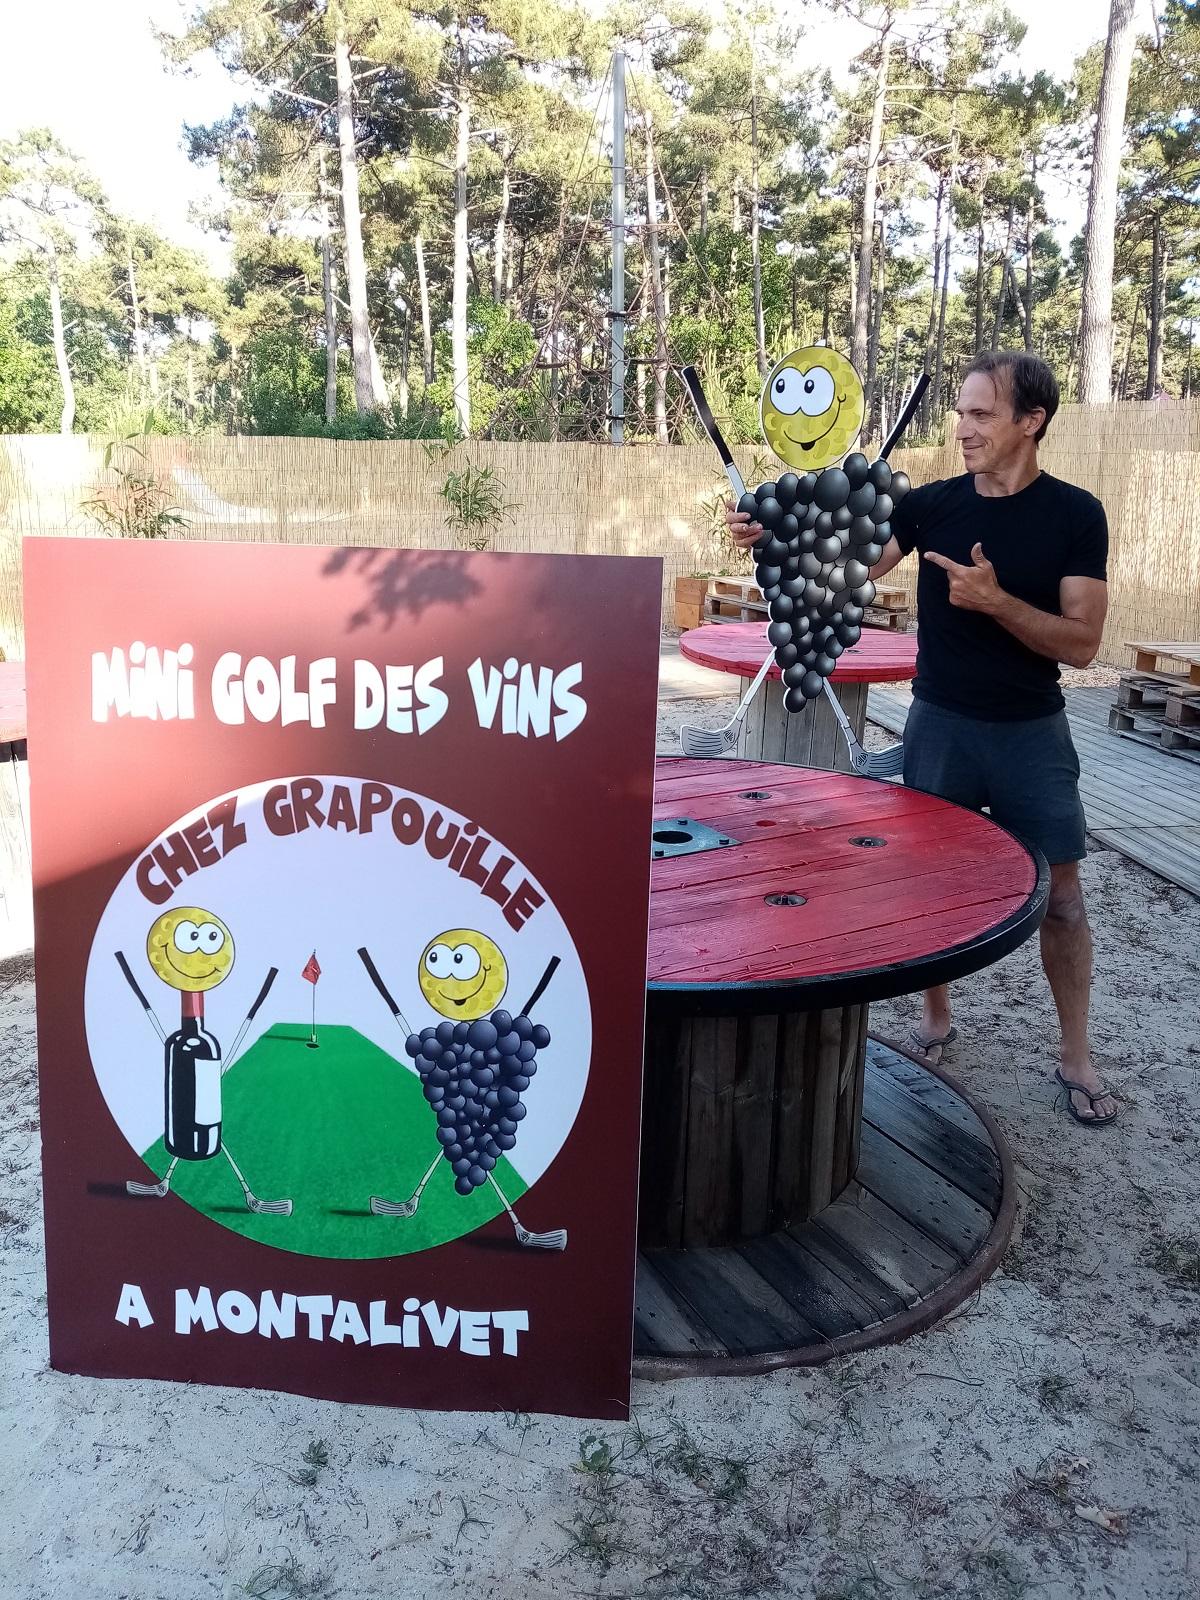 Chez Grapouille Mini Golf des Vins 3